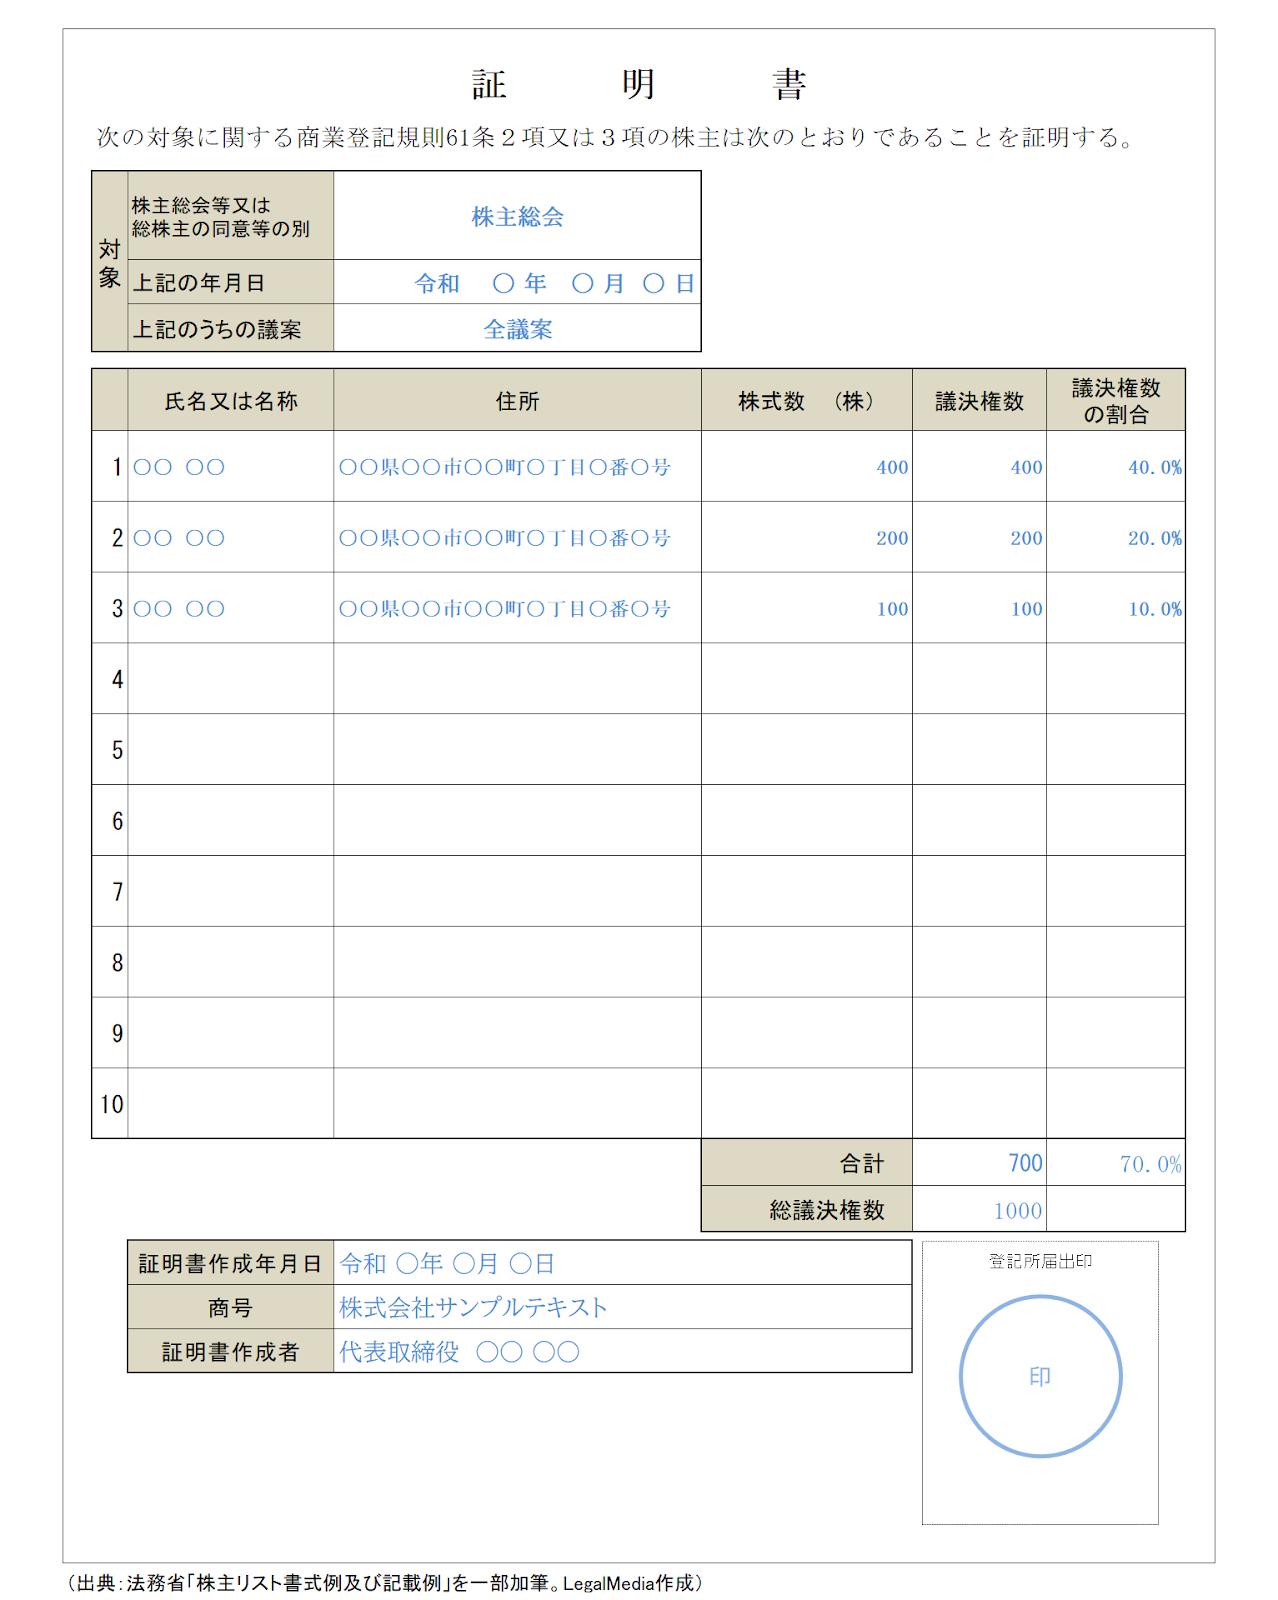 株主リスト記載例